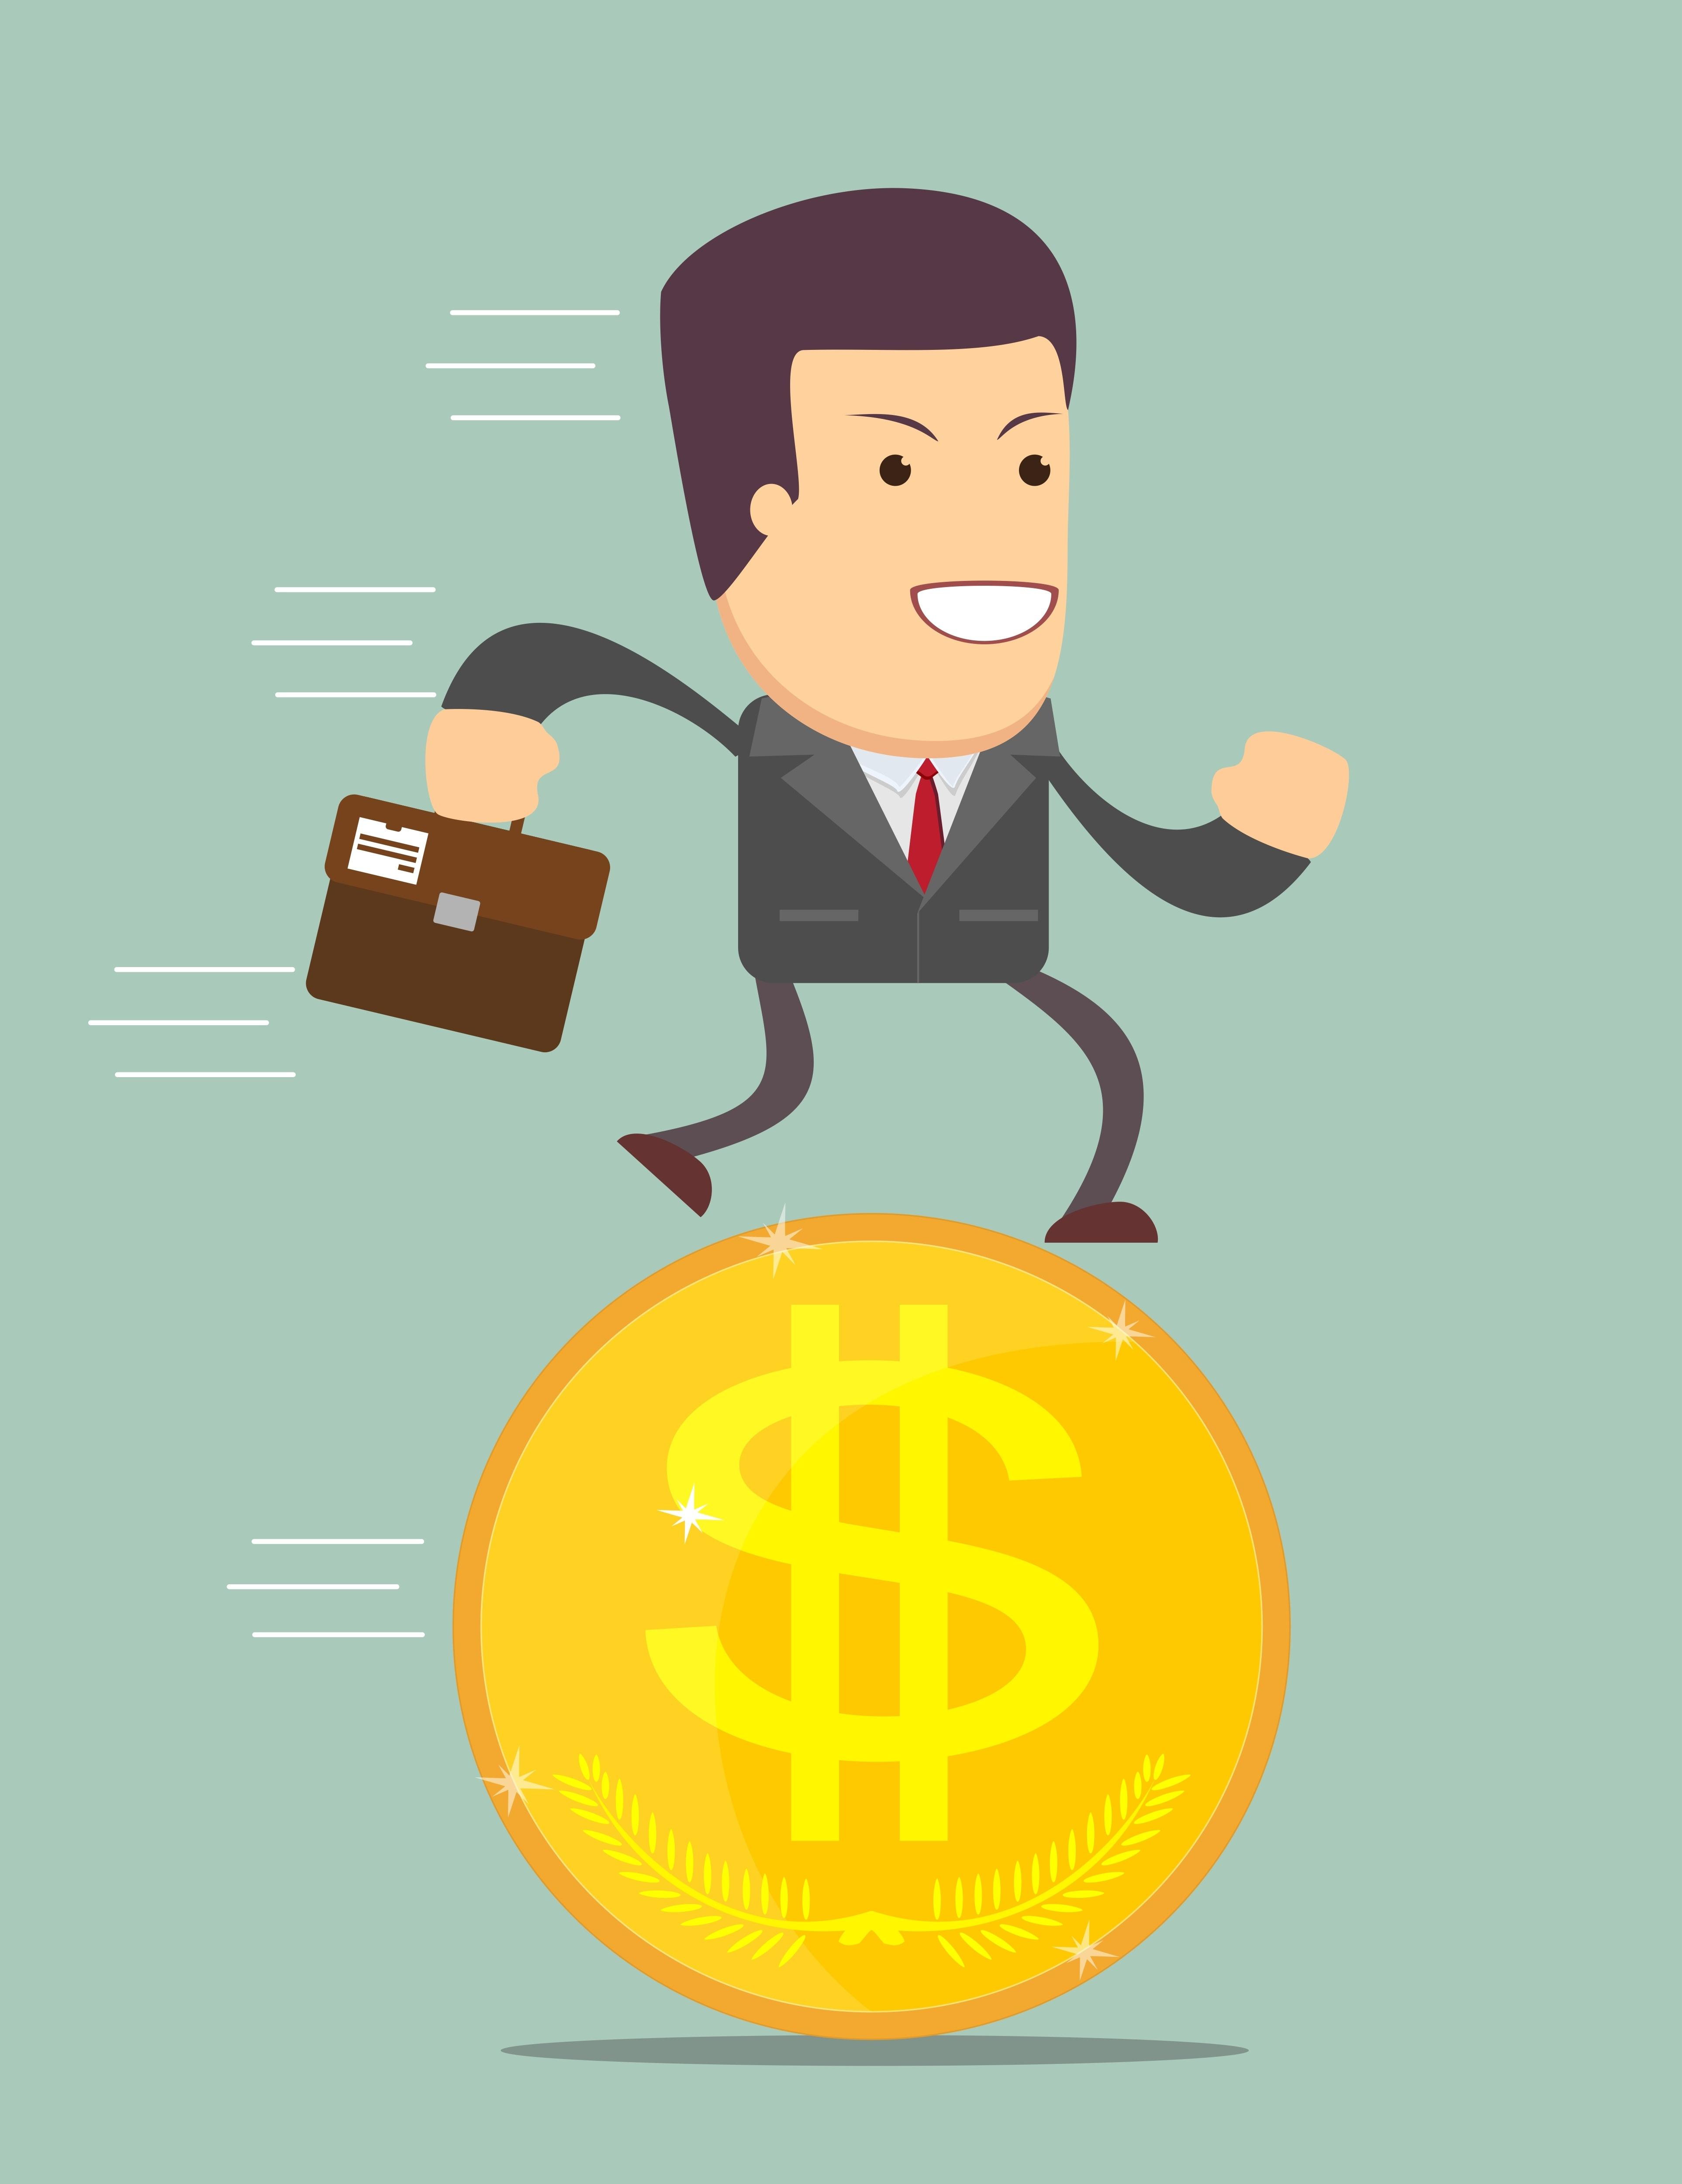 vCard_Blog_Cash.jpg